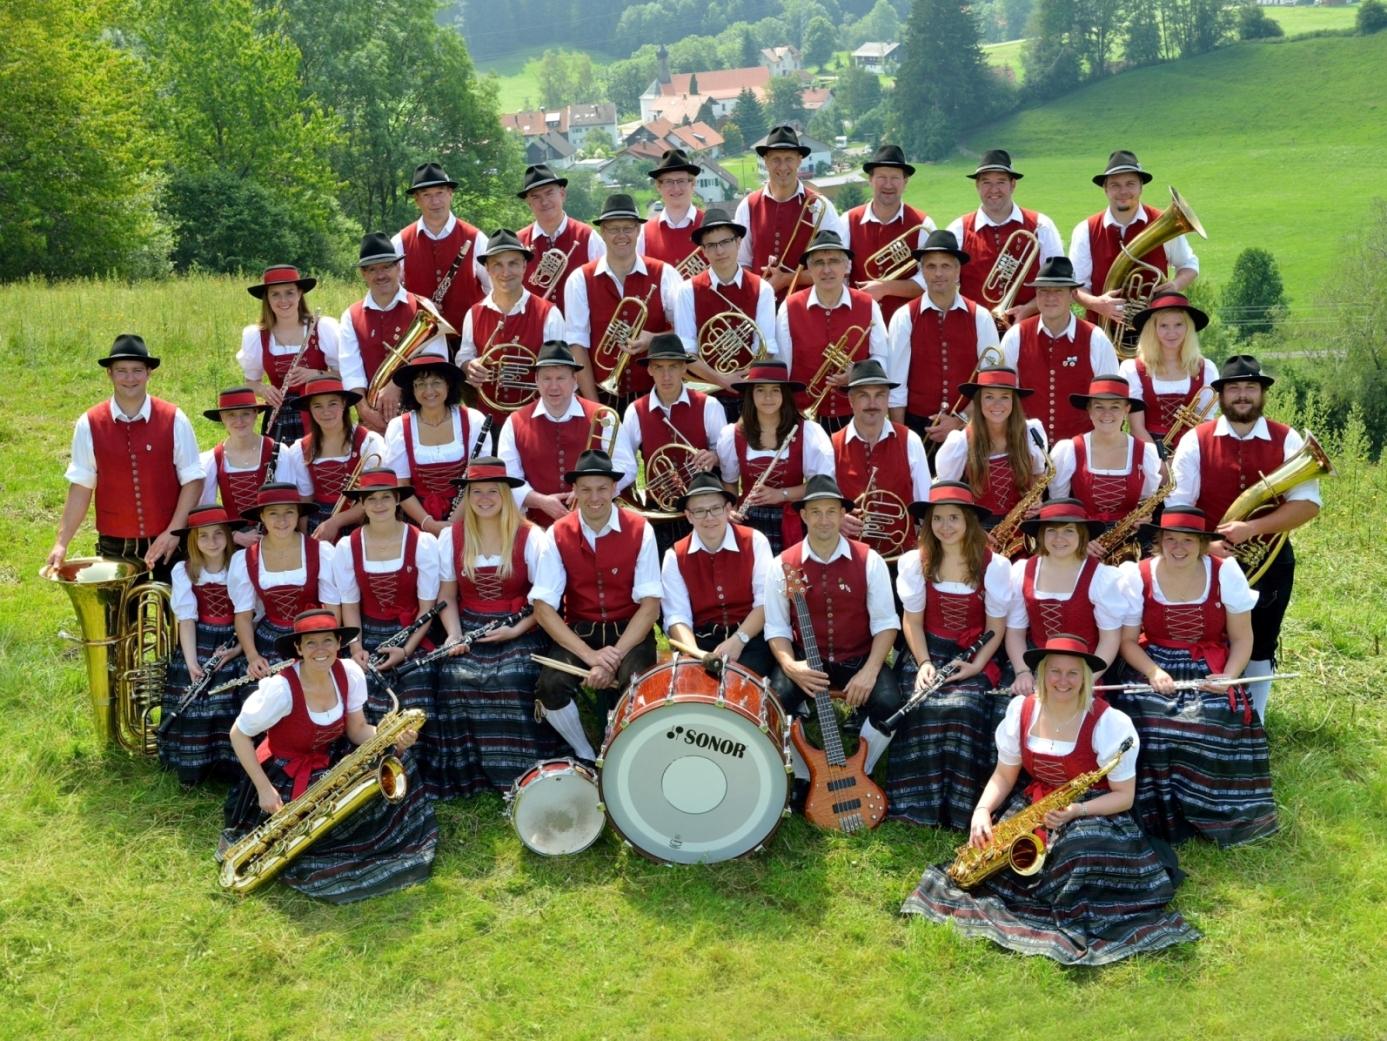 Musikkapelle Sibratshofen